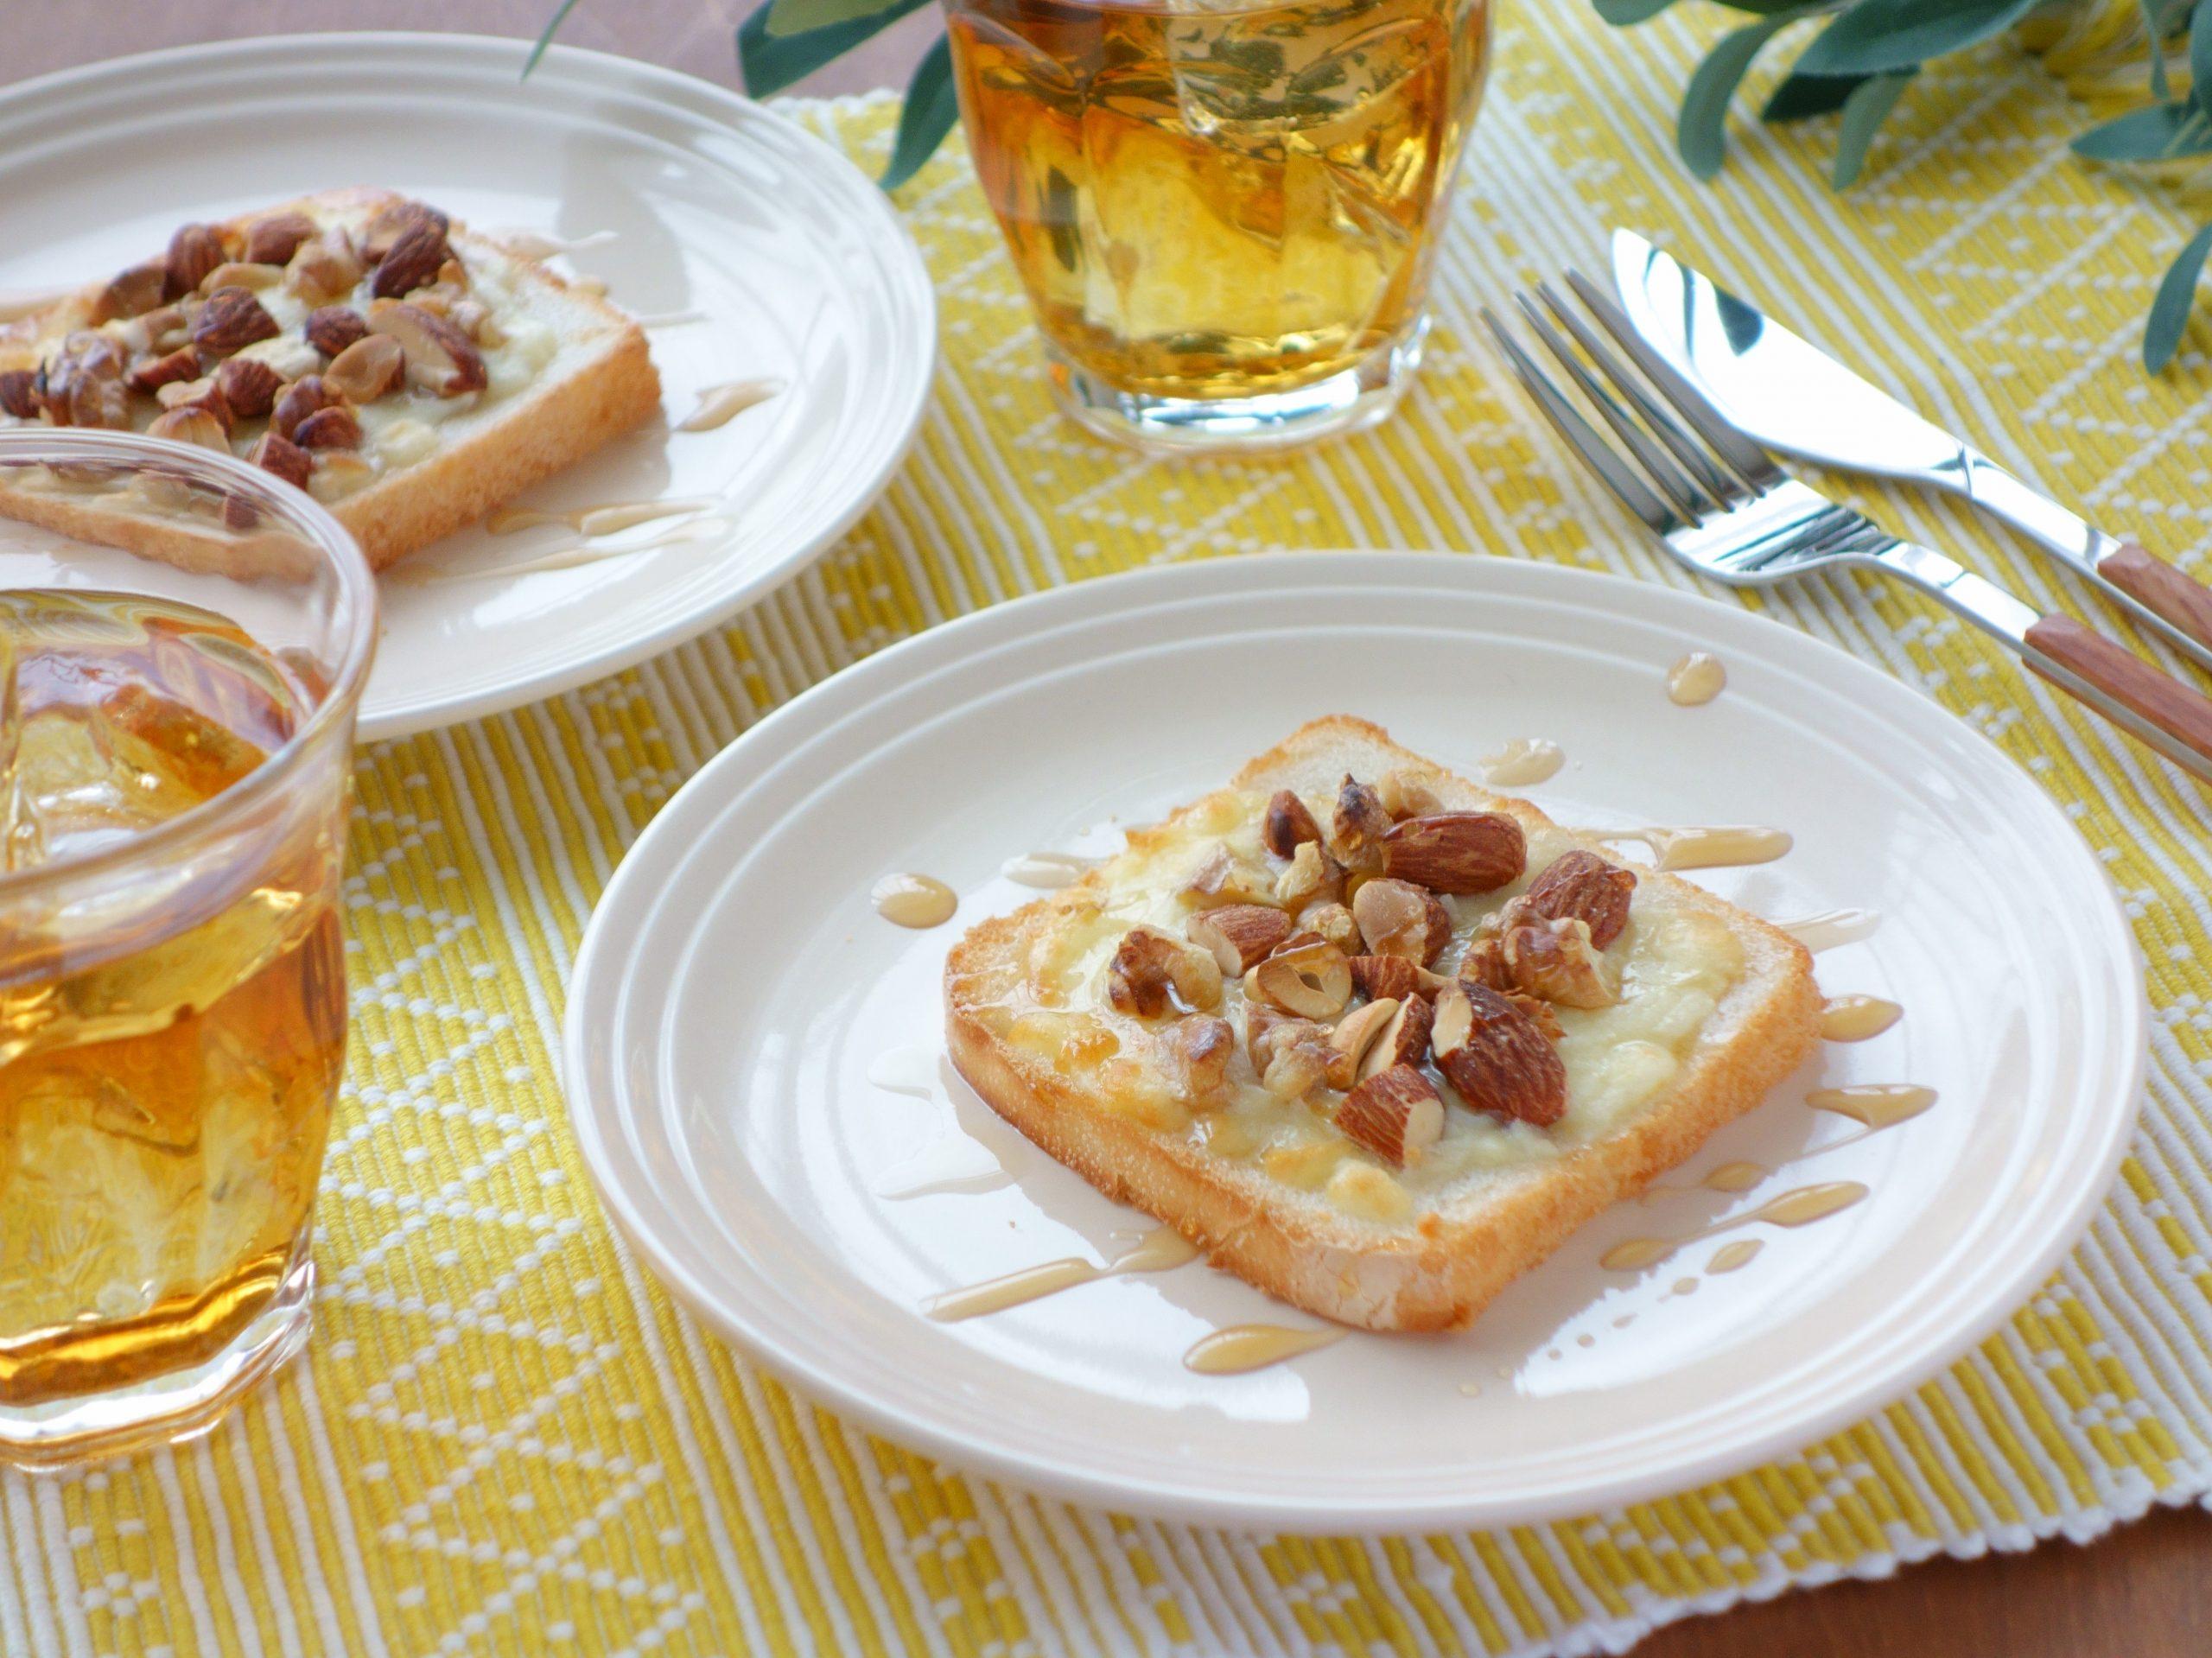 米粉パンで作る朝ごはん・おやつレシピ『チーズとナッツのトースト 』